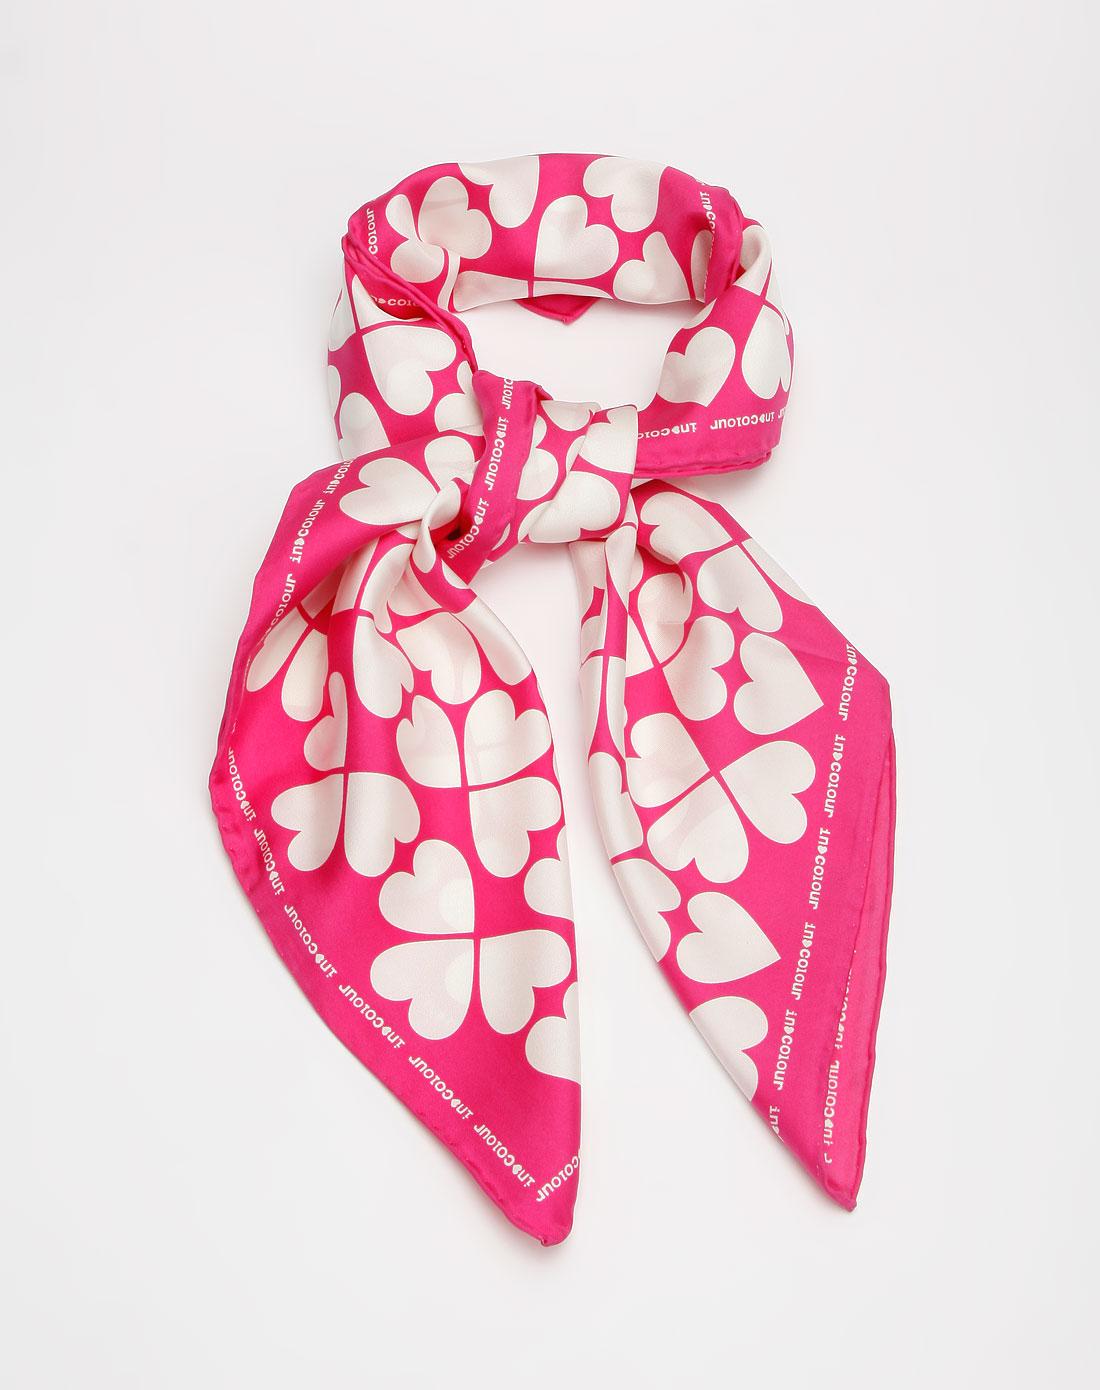 茵佳妮in-colour玫红色心形图案围巾图片